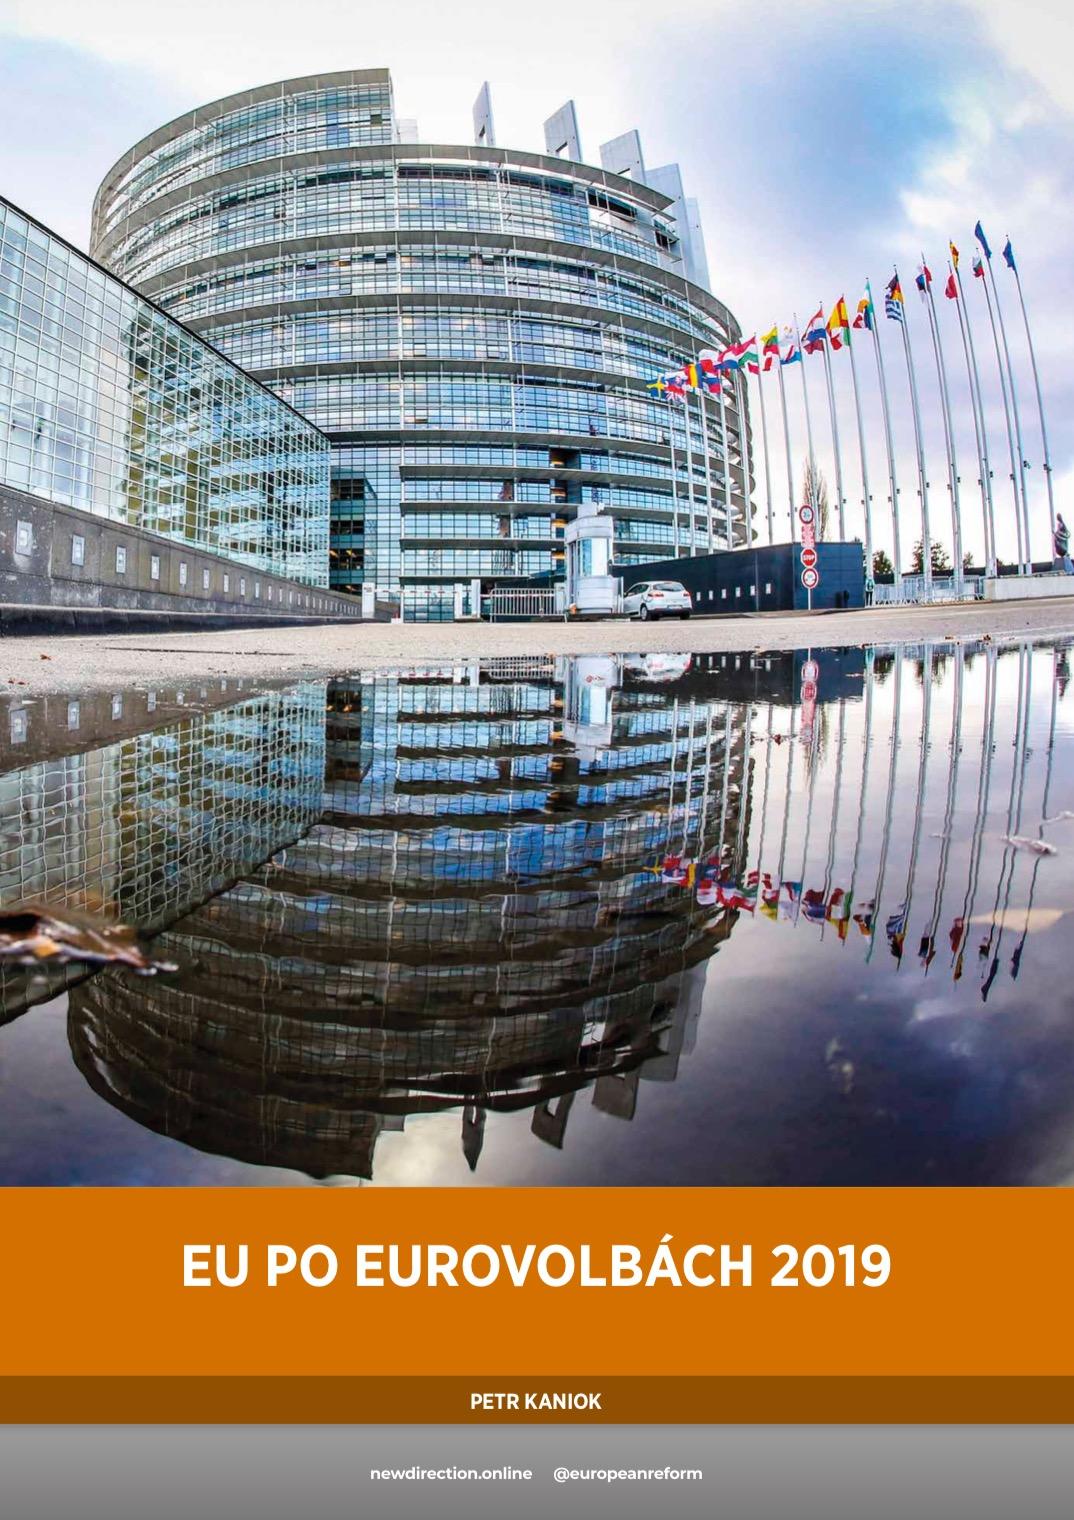 EU PO EUROVOLBÁCH 2019